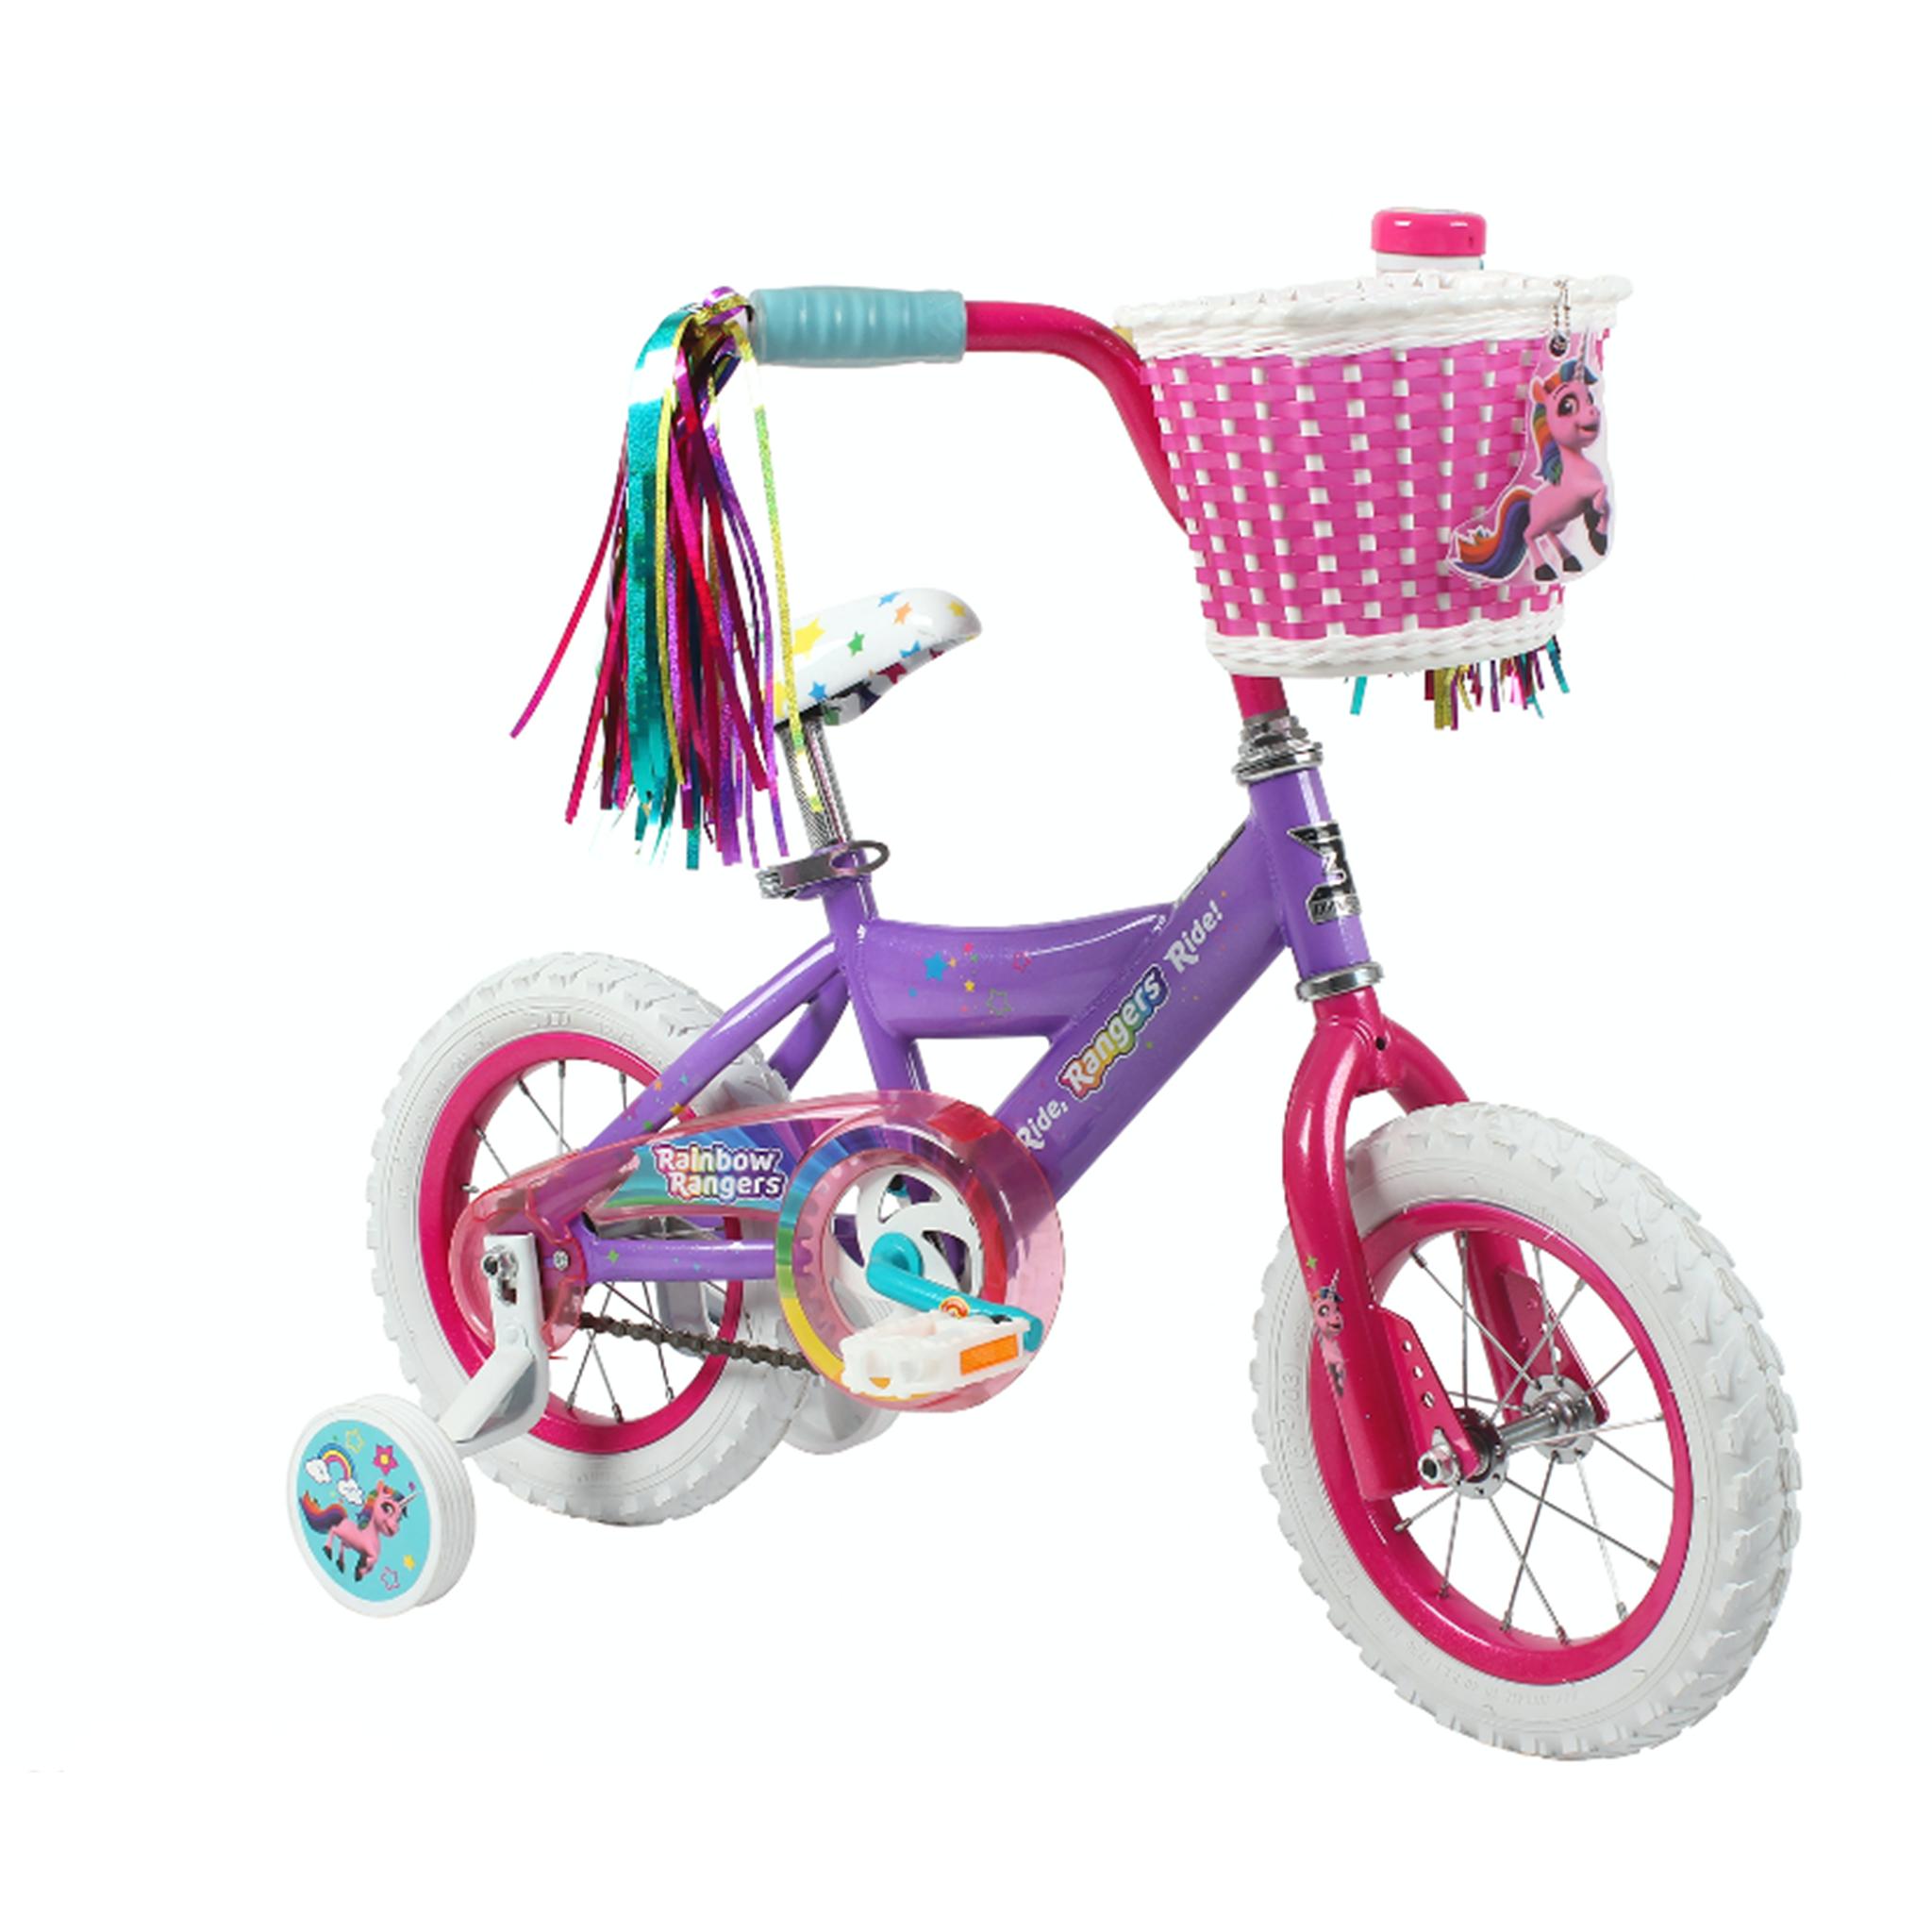 RR bike